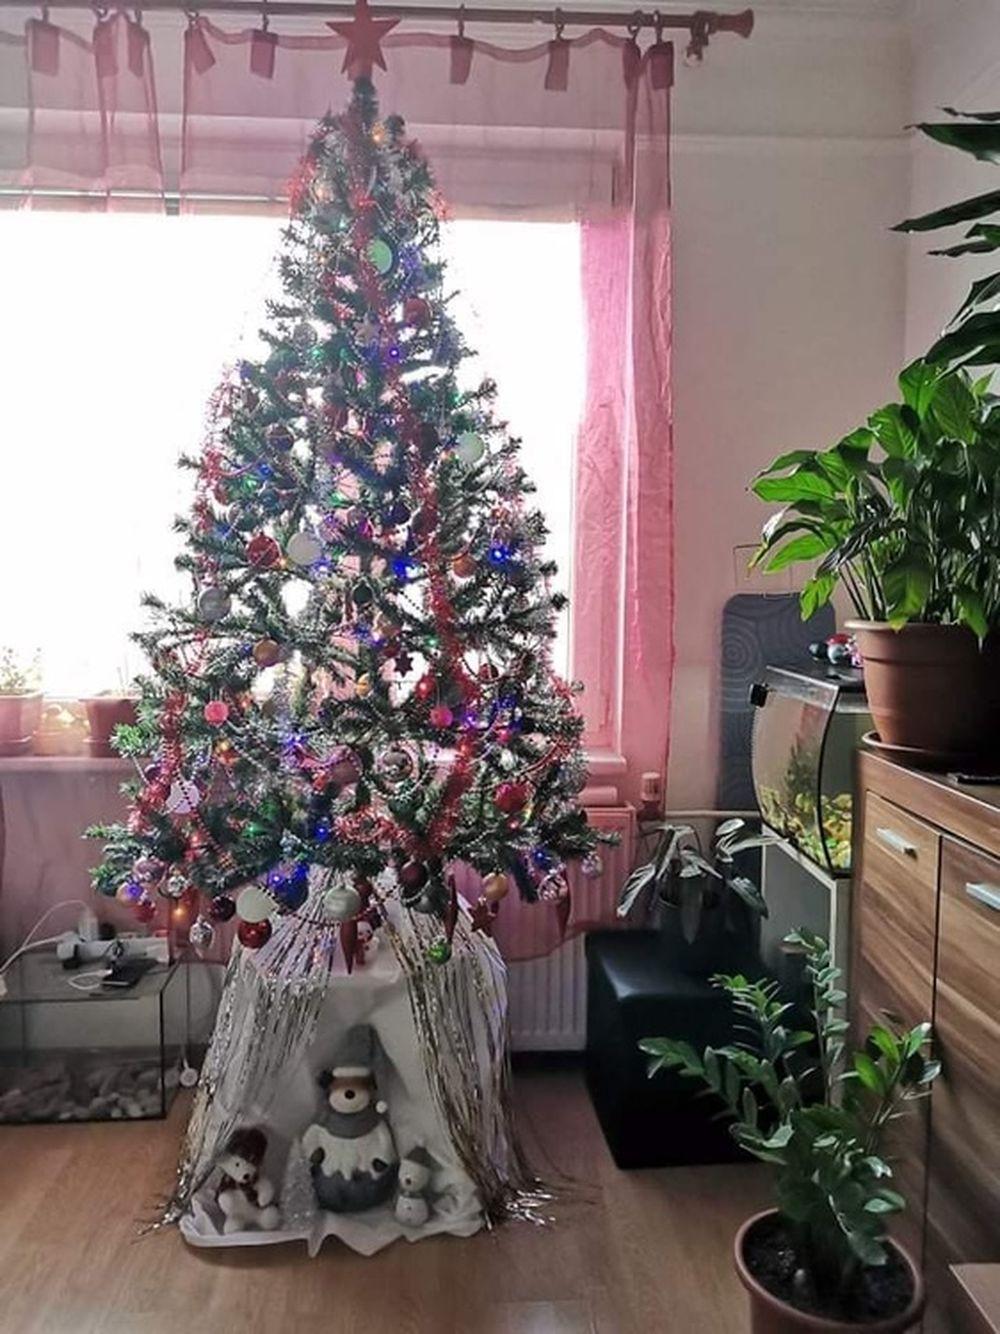 FOTO: Vianočné stromčeky v Žiline - výber fotografií našich čitateľov, foto 42